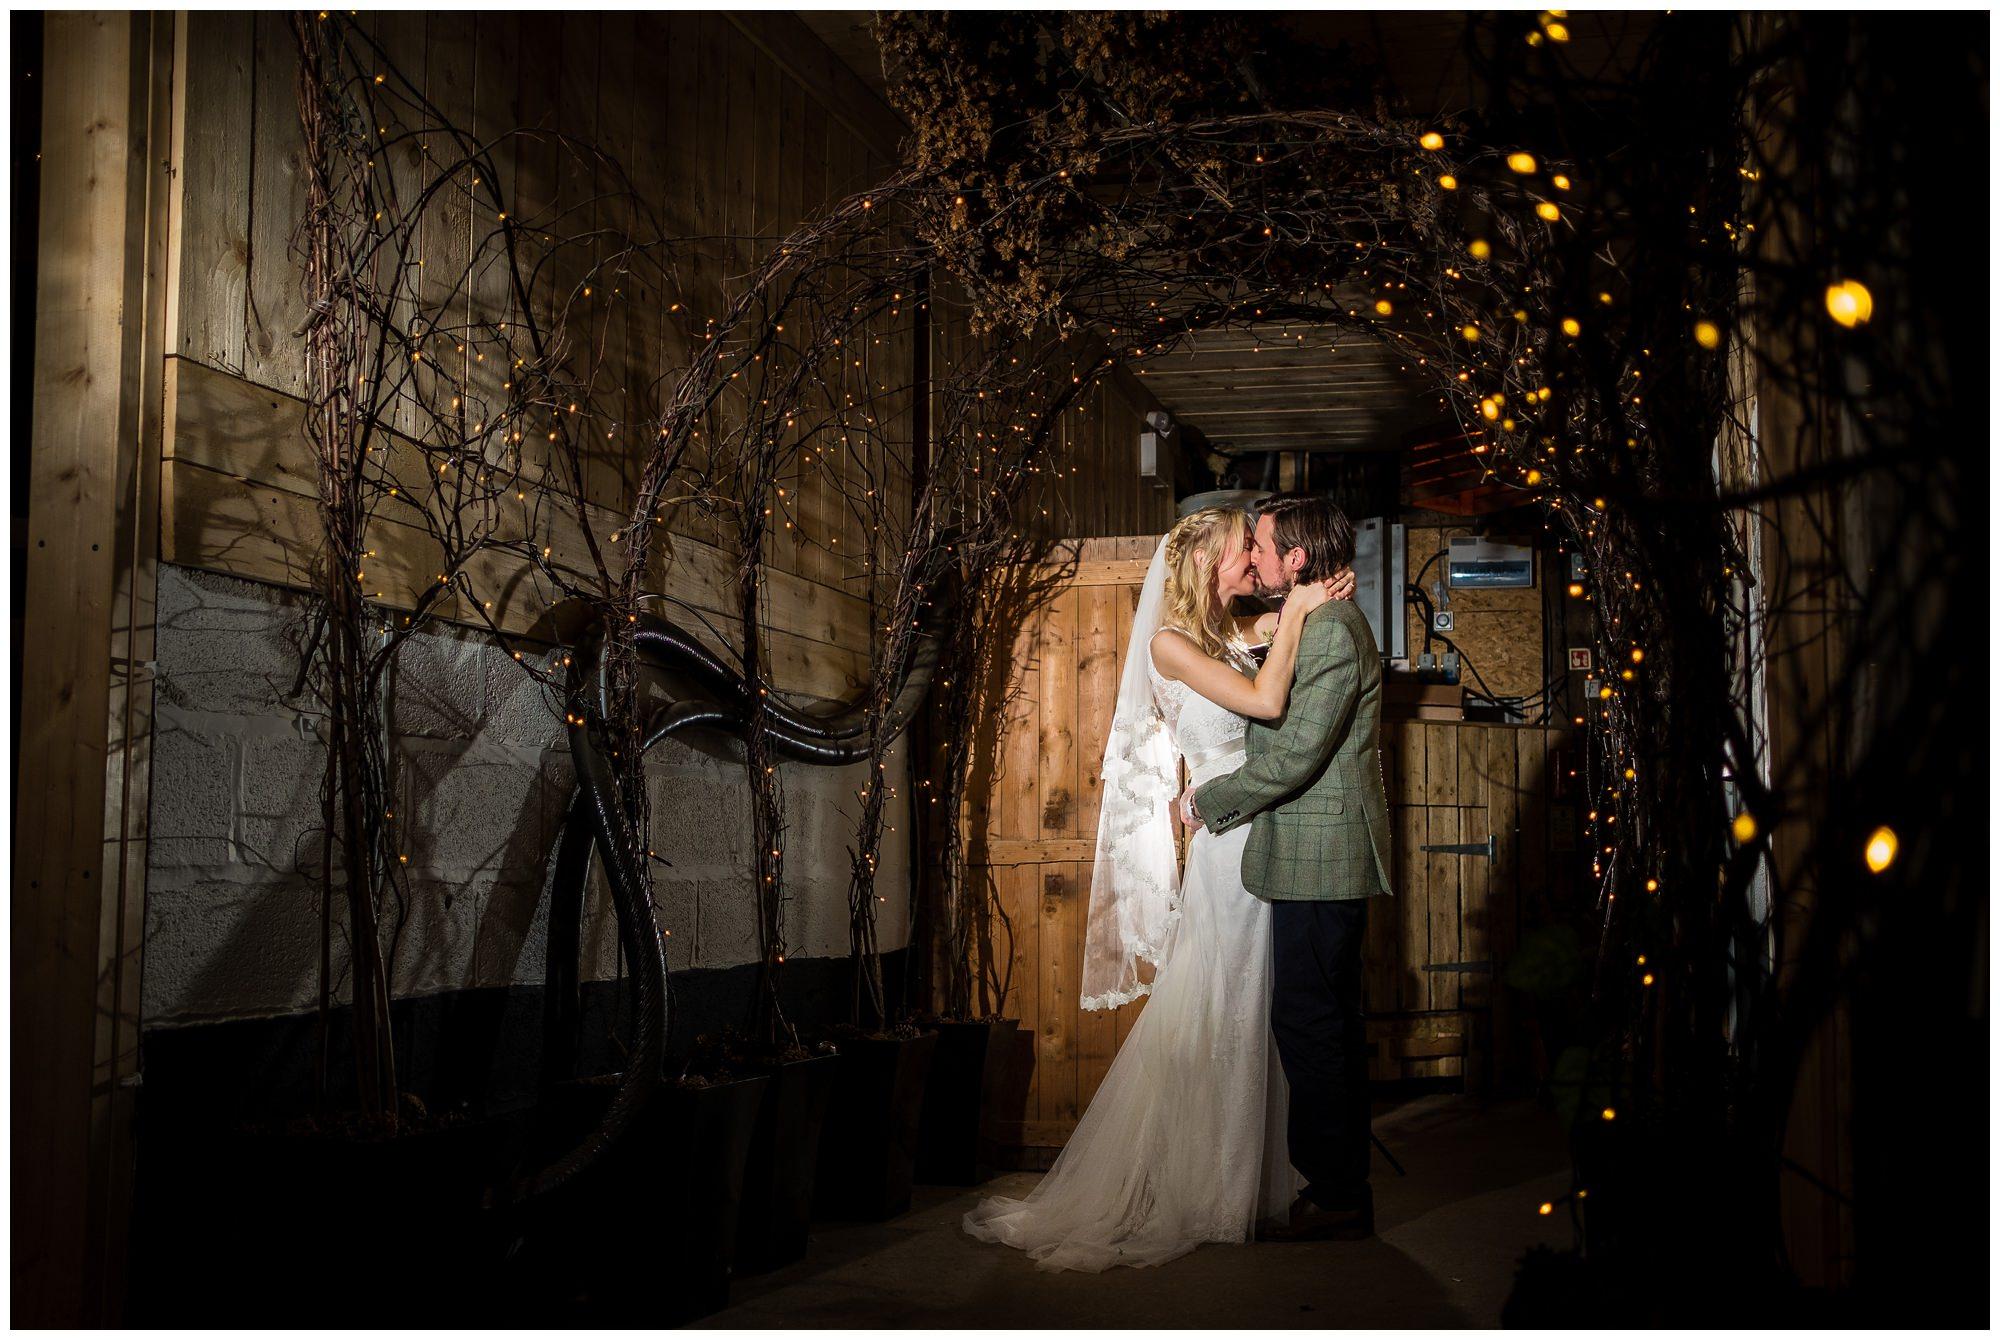 the-wellbeing-farm-wedding-photography_0010.jpg